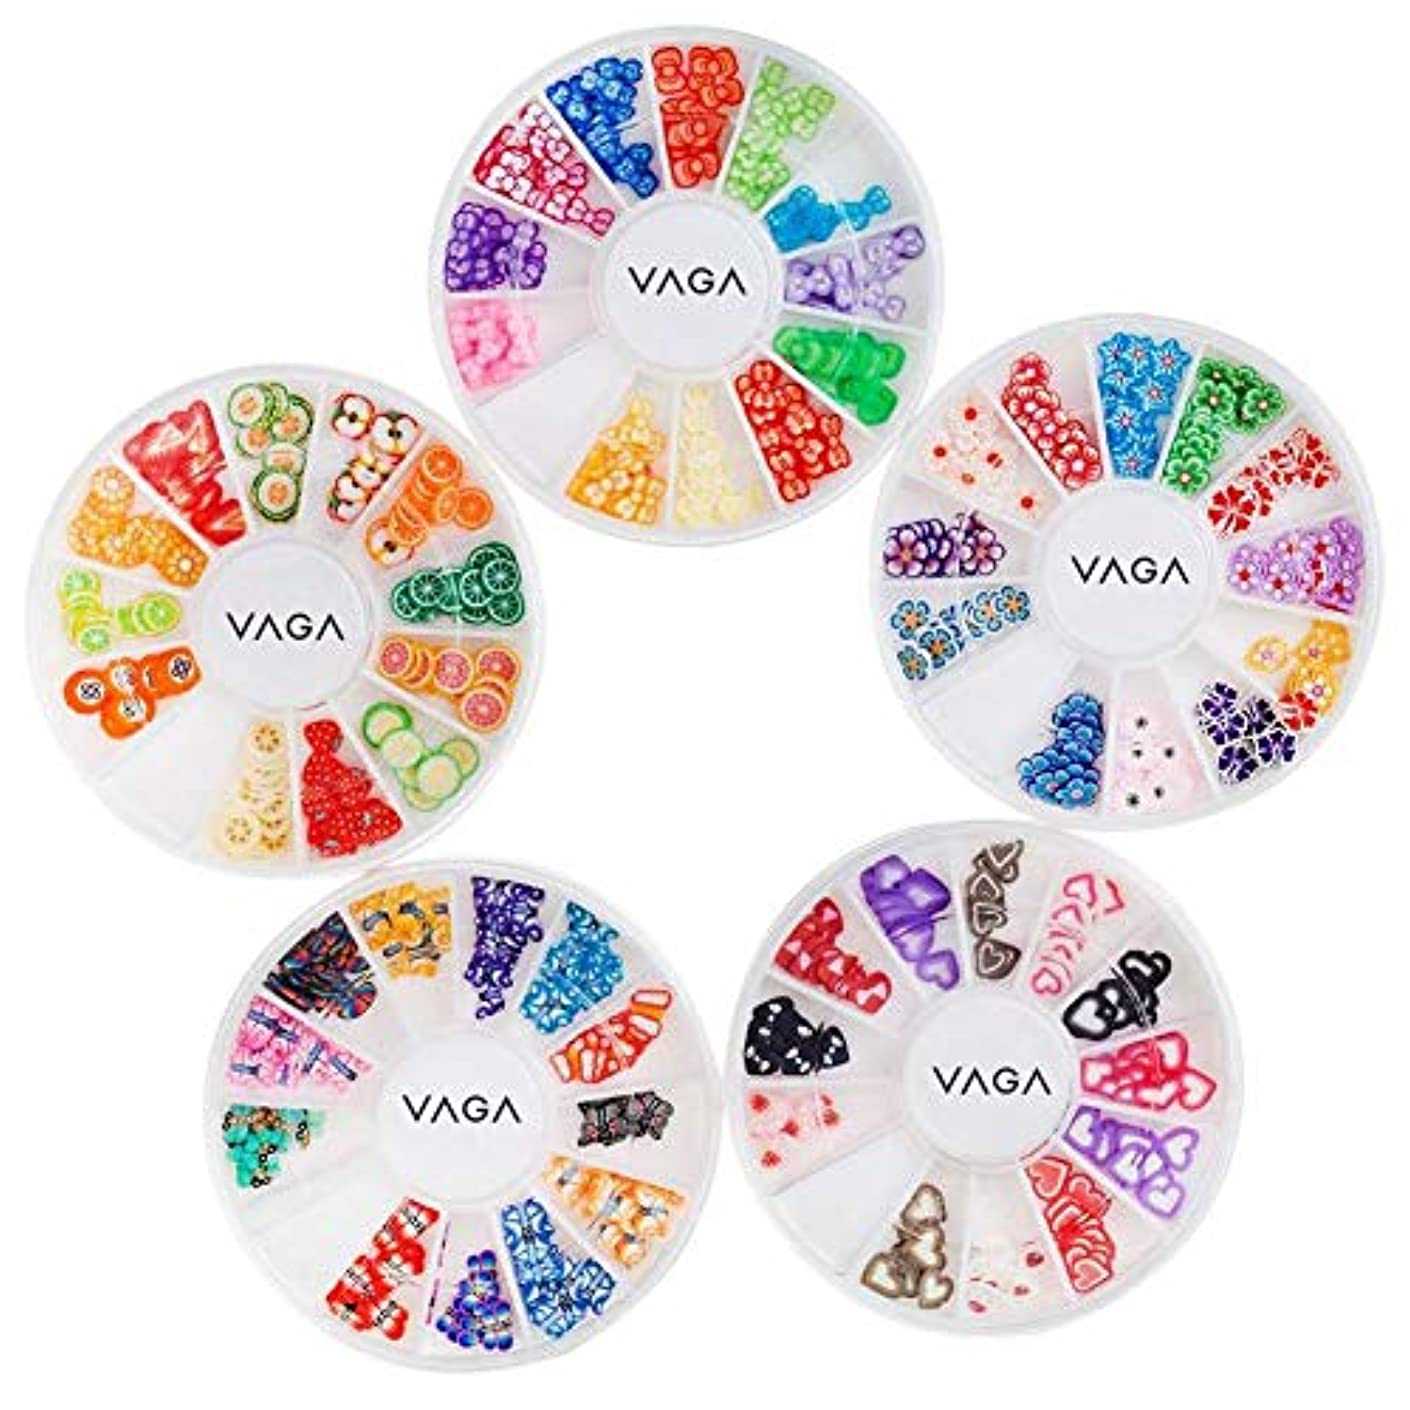 5高品質マニキュア3Dネイルアートデコレーションホイールのアメージングバリューセットキットは、心、動物、フルーツ、蝶、花のパターン/形状と多くの異なる色でフィモスライス/デカールピースとホイール